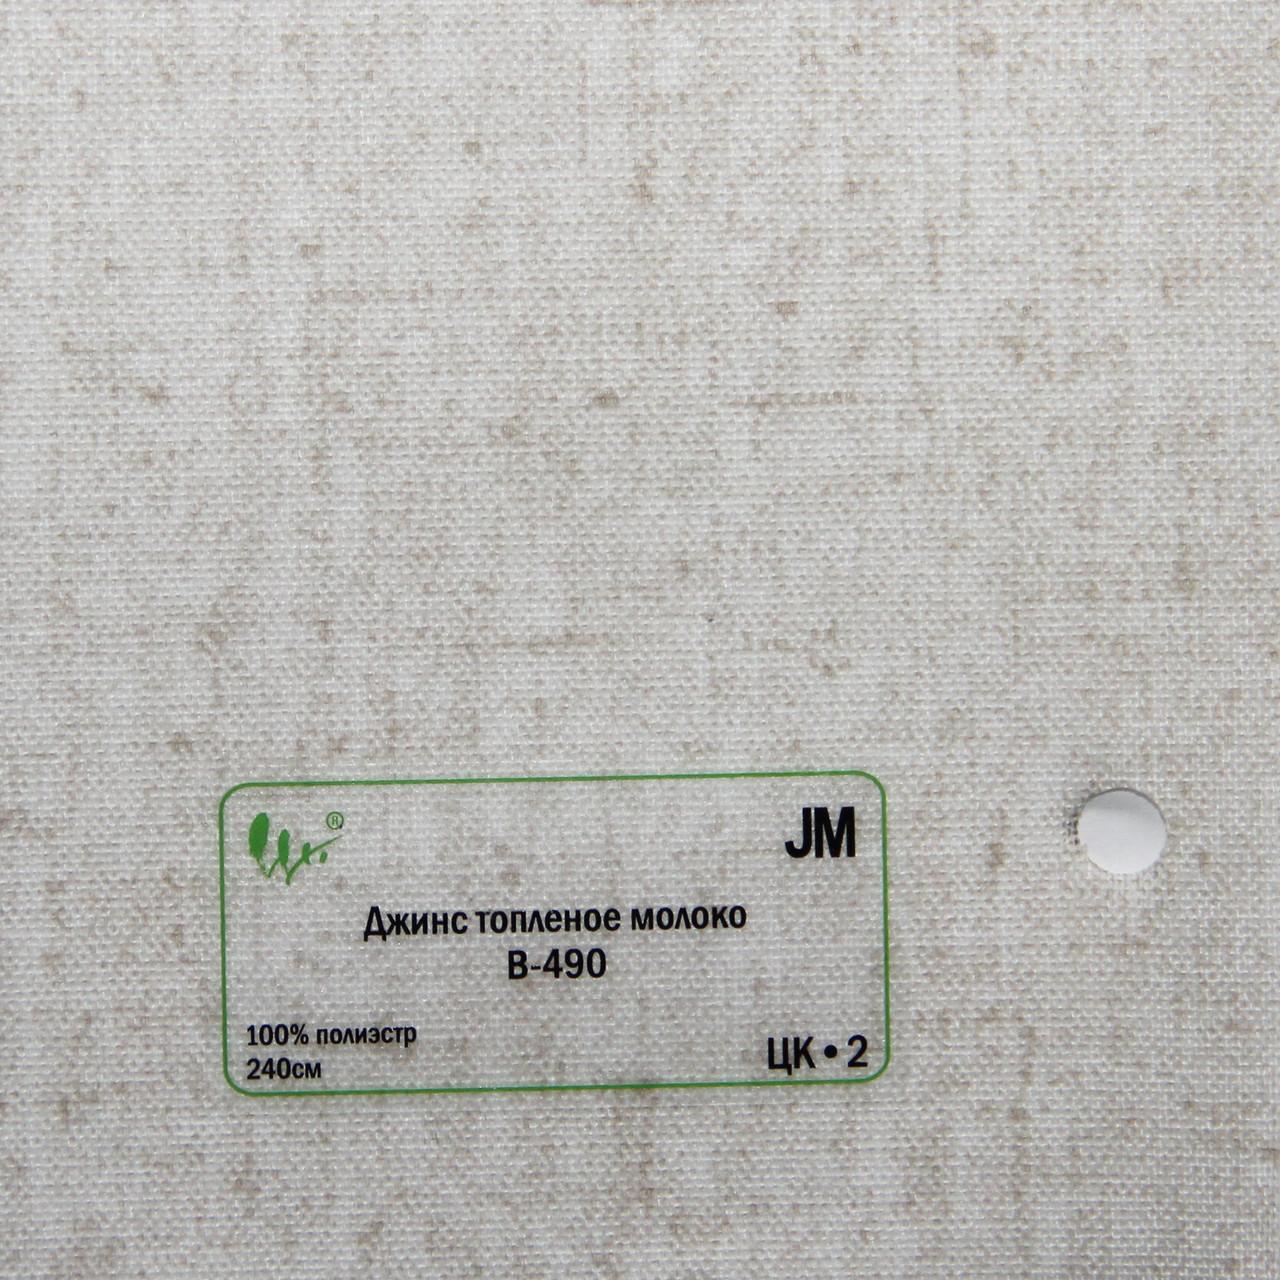 Рулонные шторы Одесса Ткань Джинс Топлёное молоко